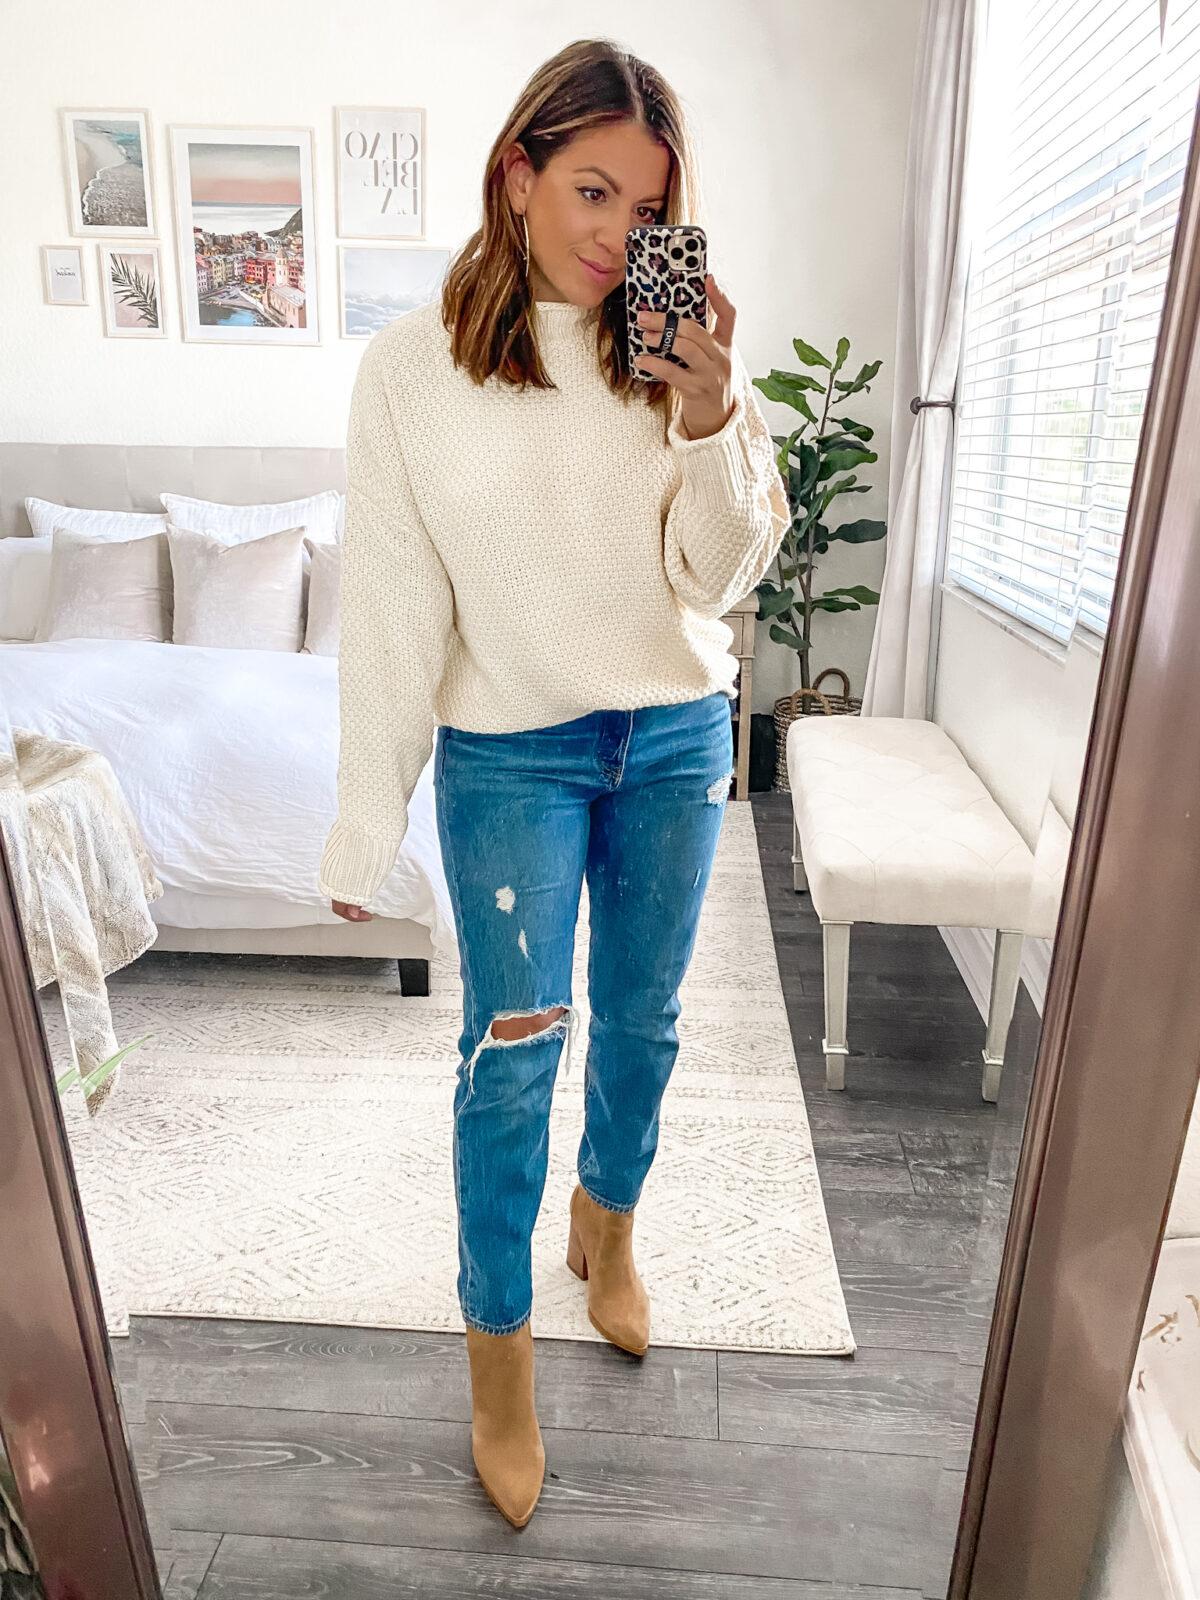 Amazon Sweater, Free People dupe, Jaime Cittadino fashion blogger